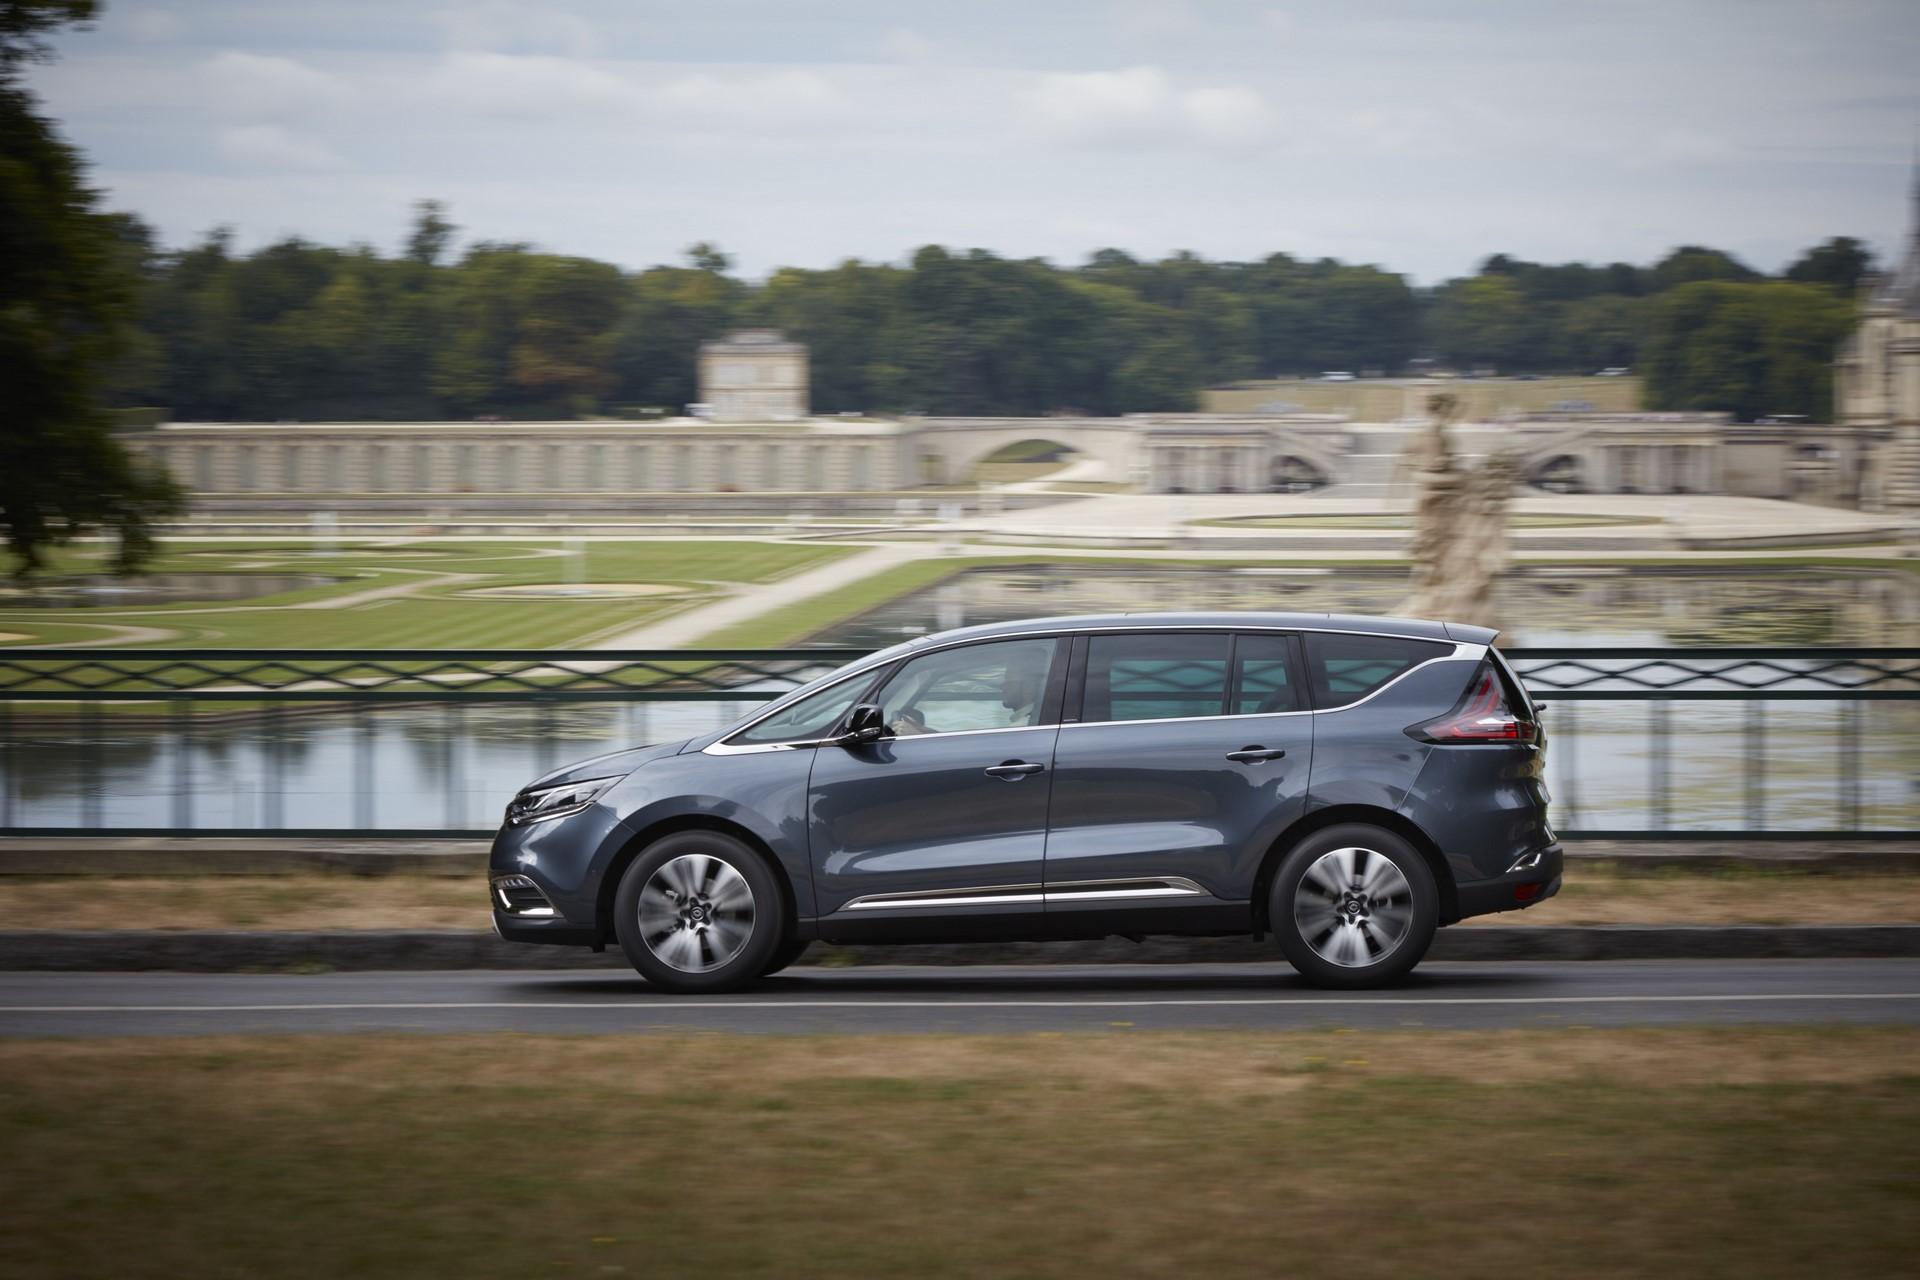 Renault_93242_global_en